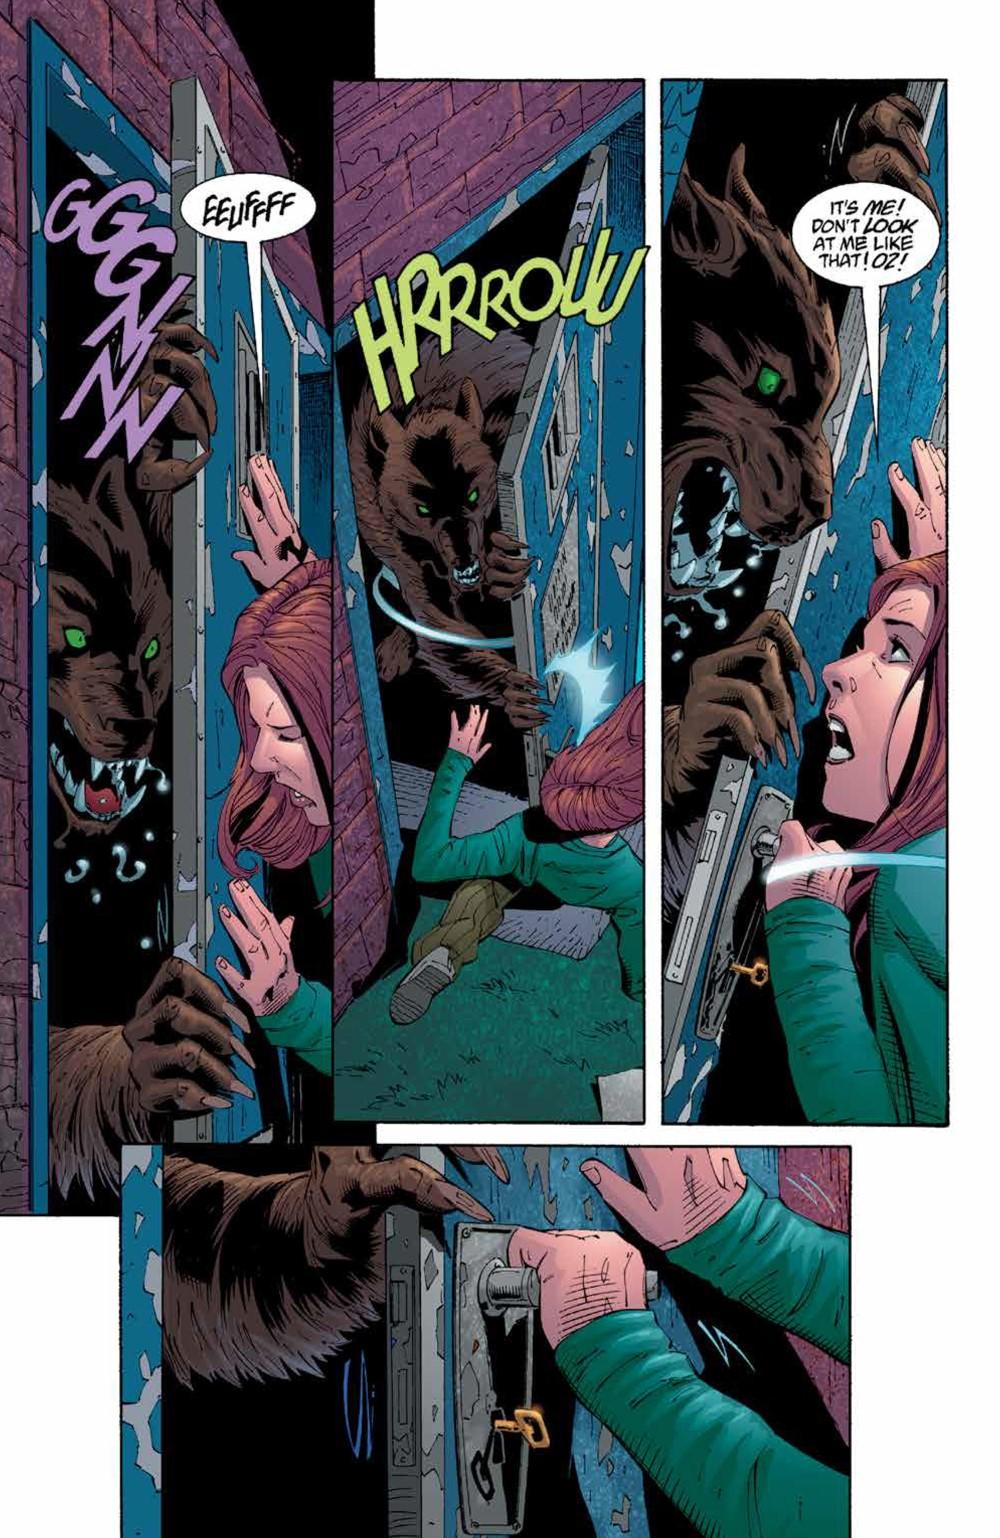 Buffy_Legacy_v5_SC_PRESS_15 ComicList Previews: BUFFY VAMPIRE SLAYER LEGACY EDITION VOLUME 5 TP